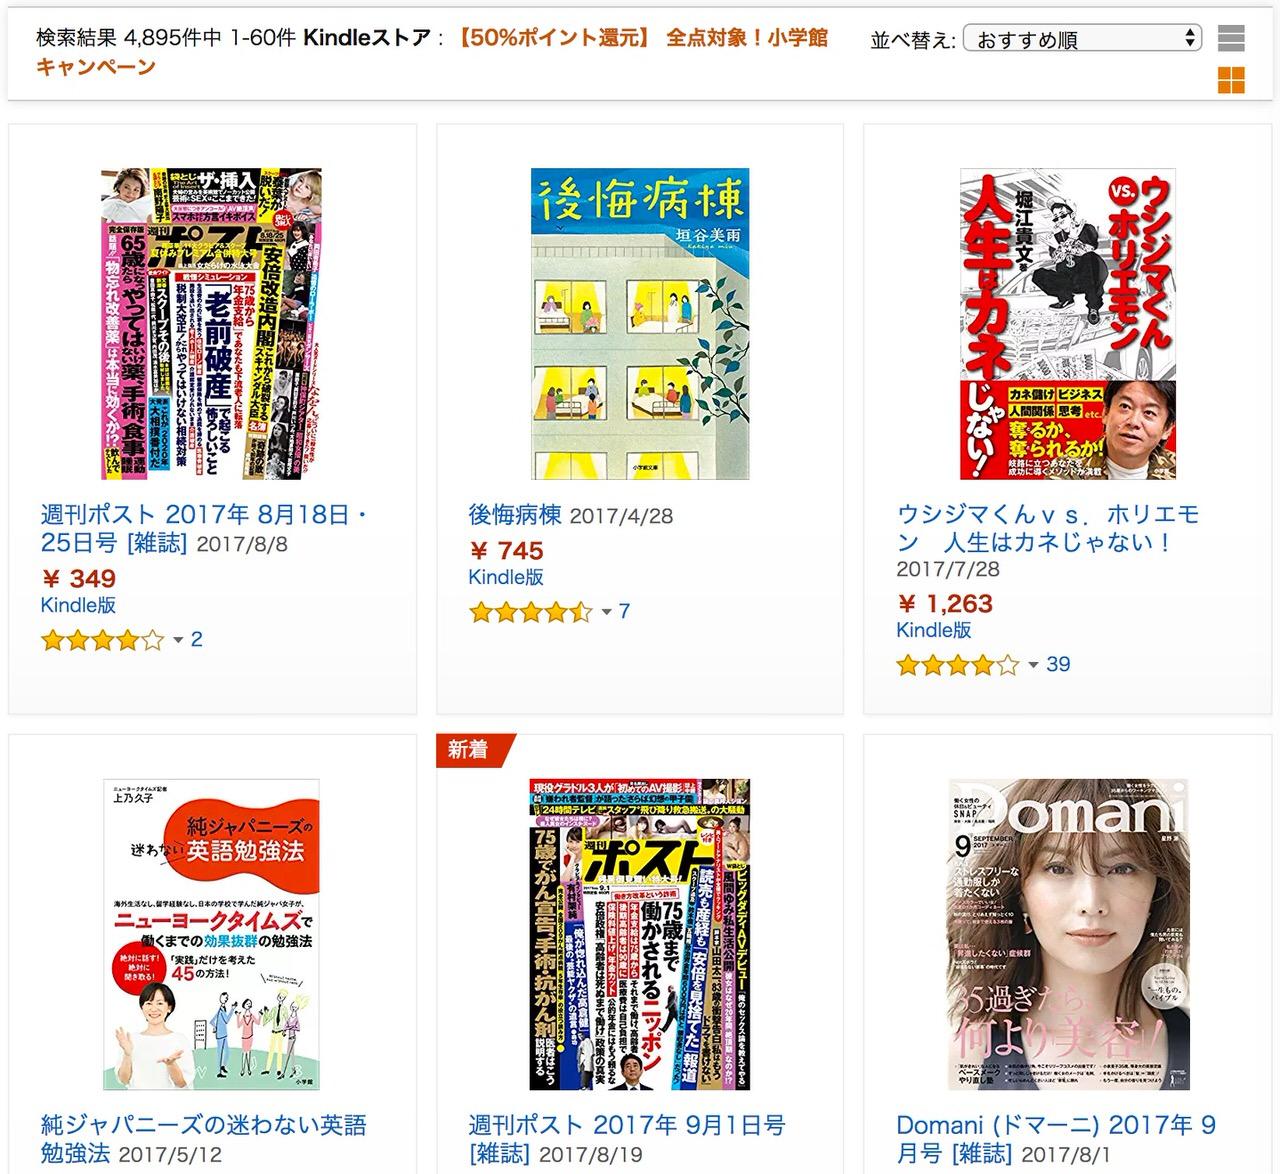 【Kindleセール】小学館の書籍、ラノベ、雑誌、グラビア写真集が全点対象の50%ポイント還元セール